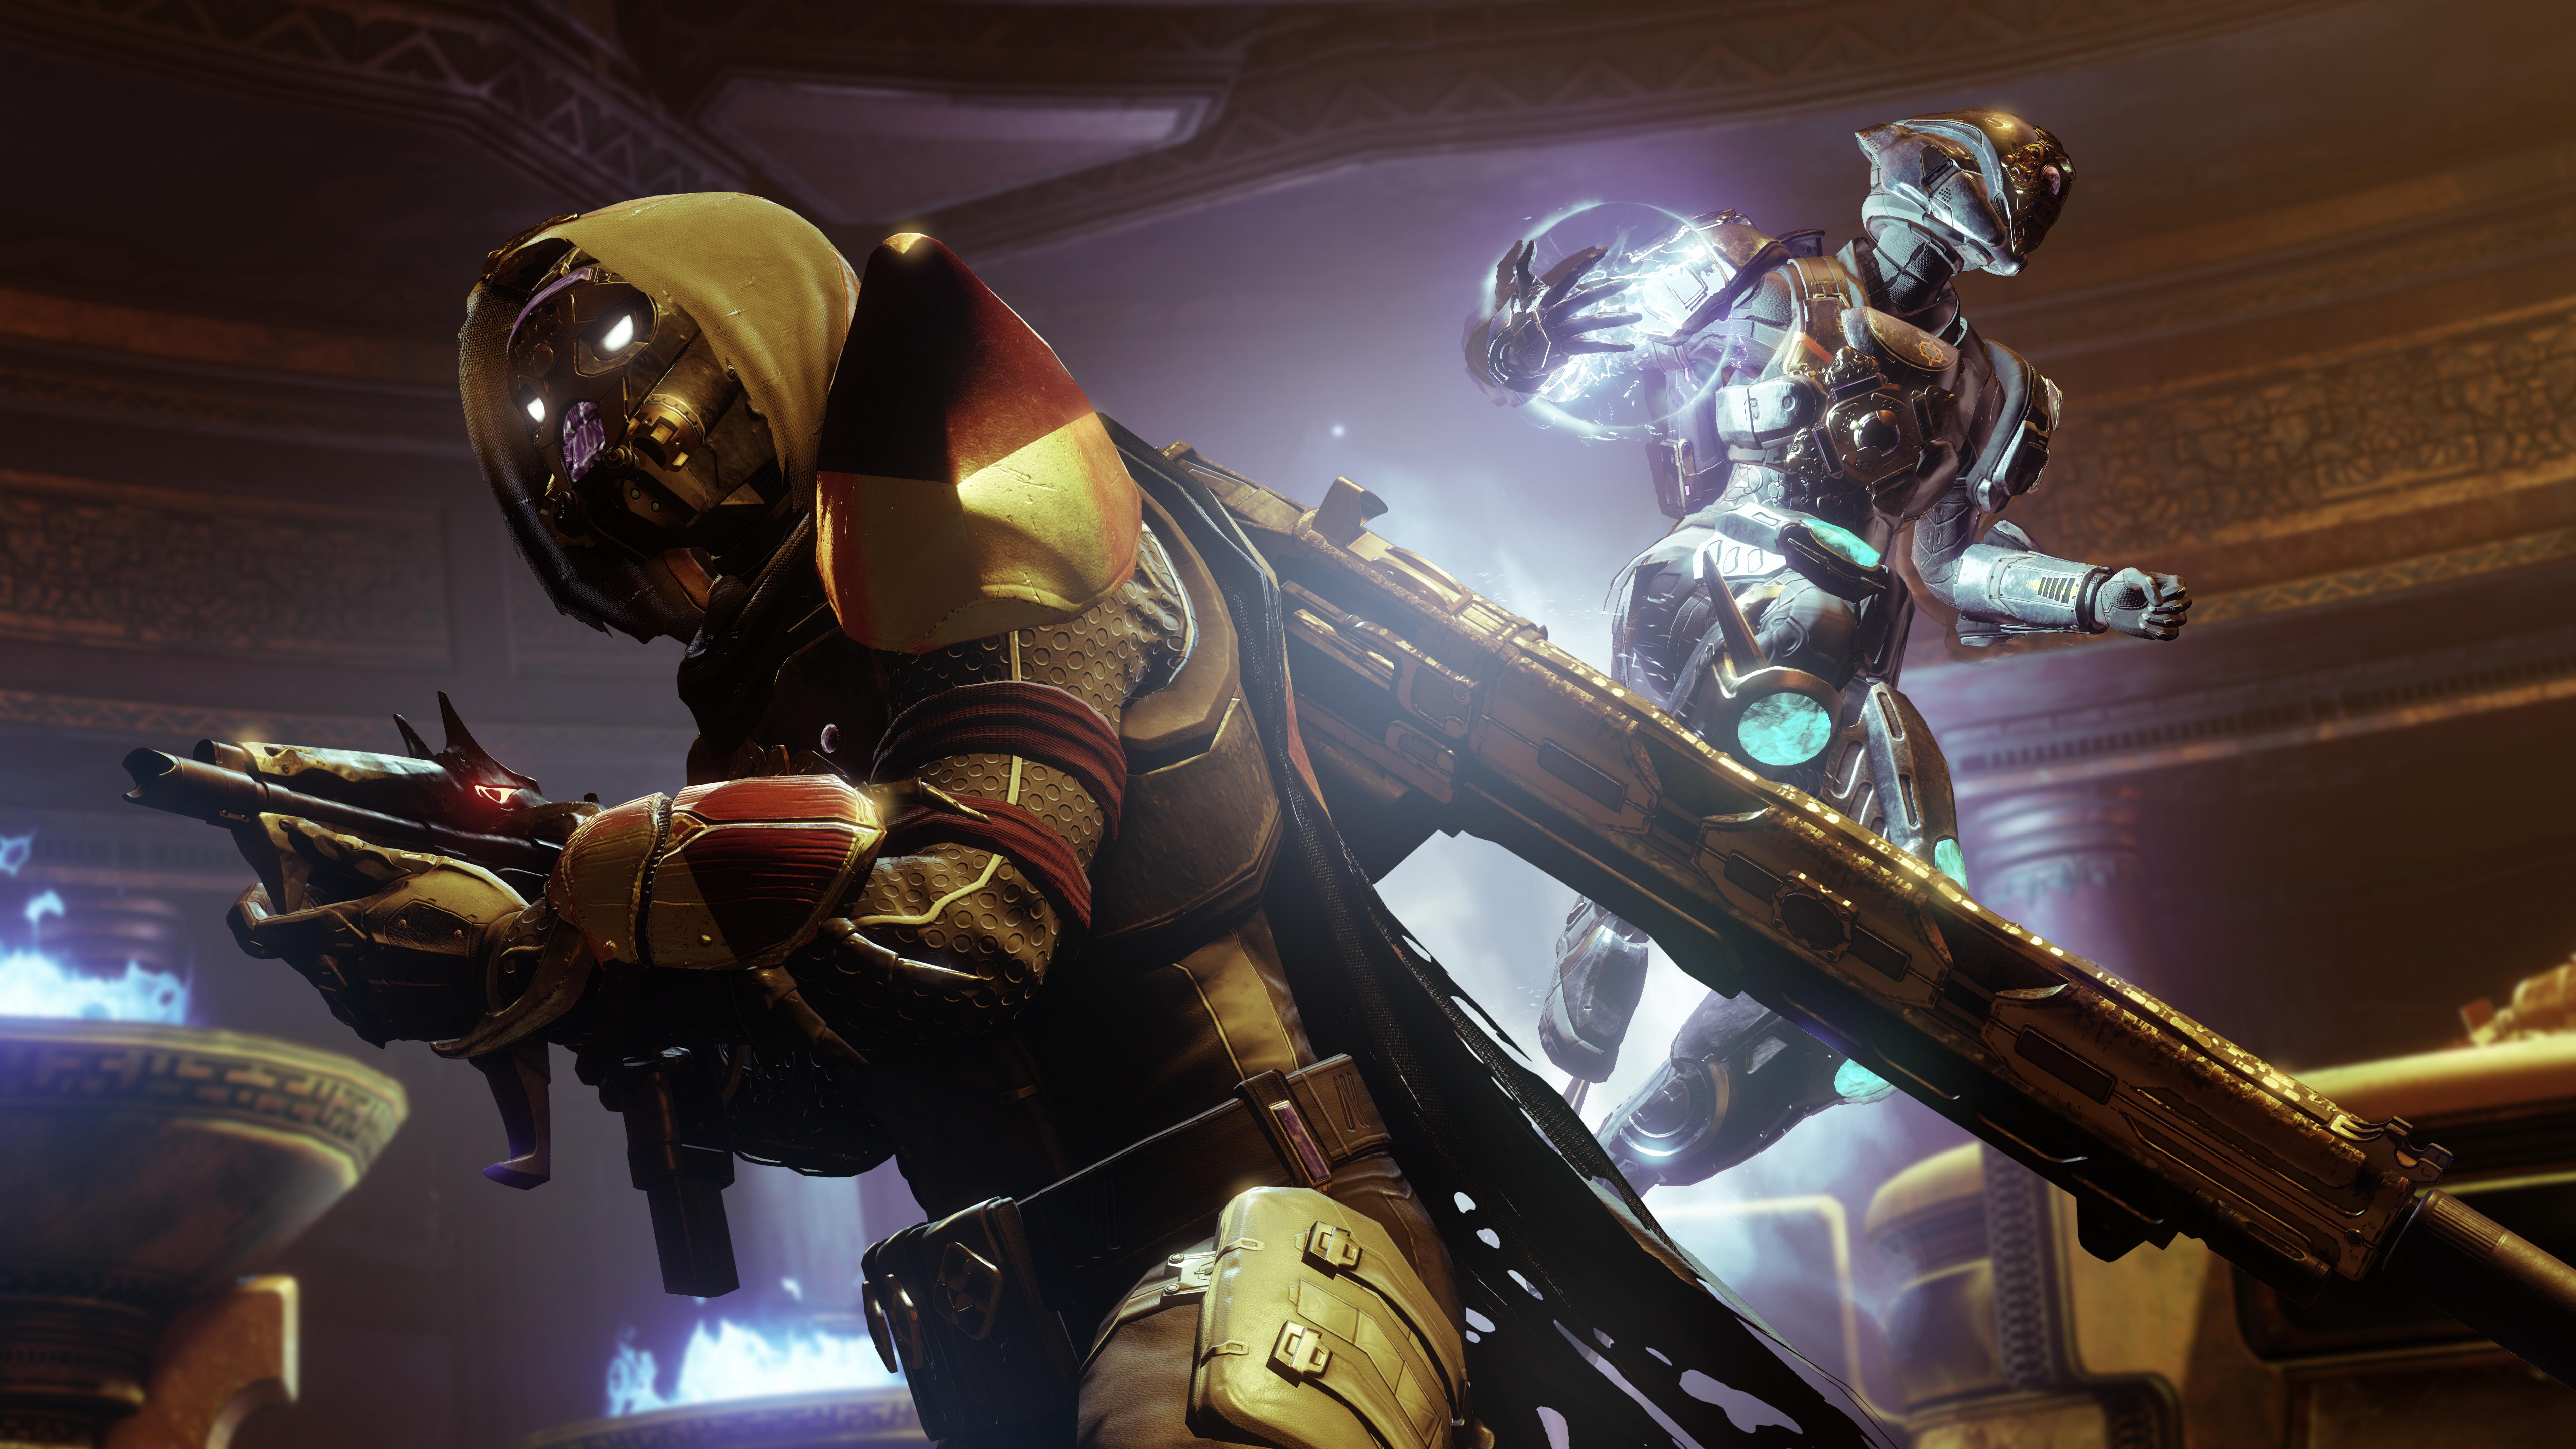 Destiny 2: The many exploits of the Season of Opulence